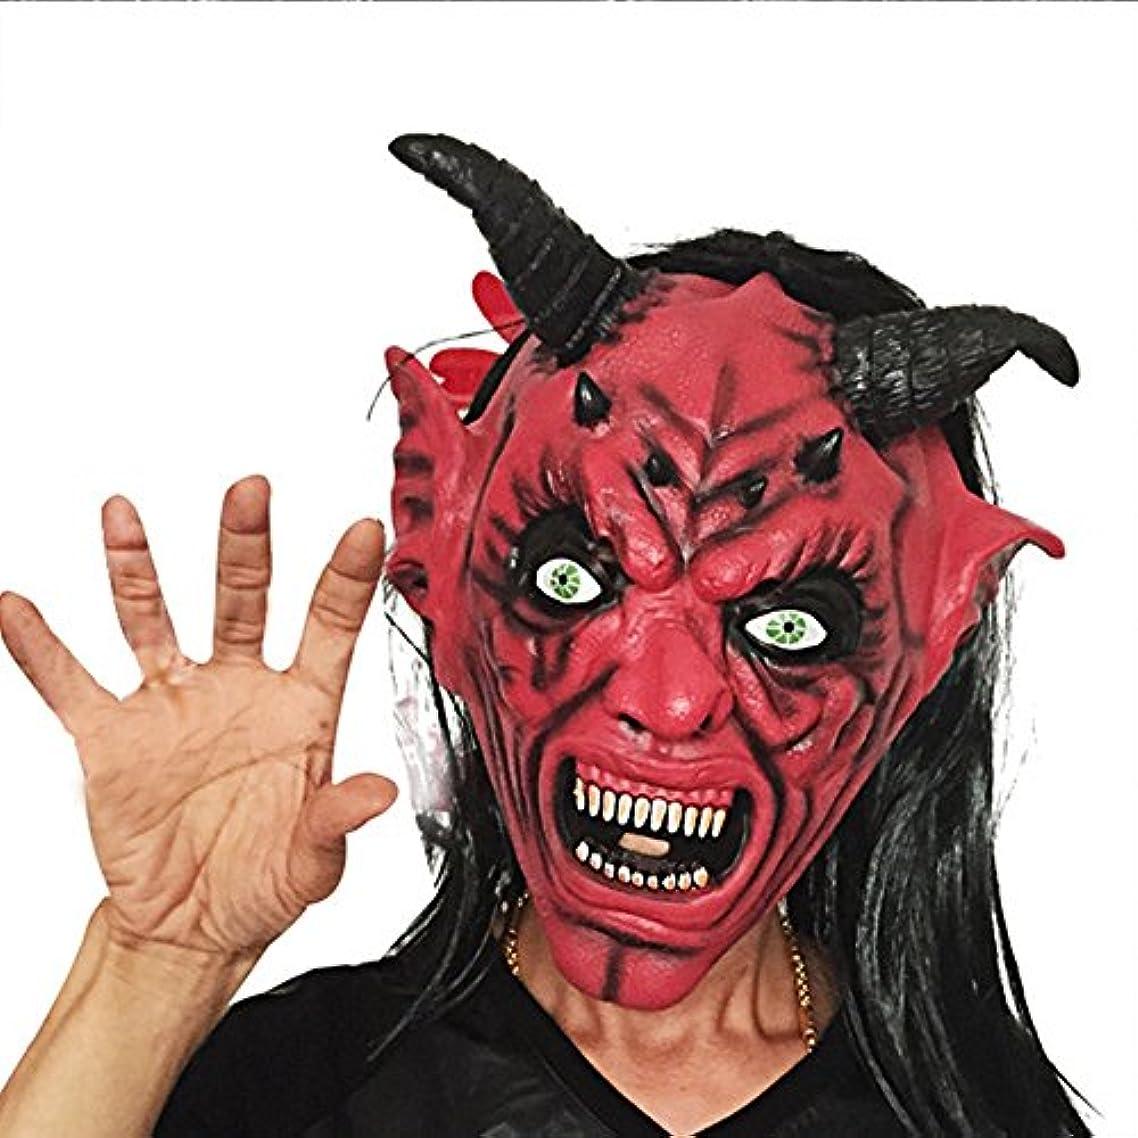 ドライバ増強する委任するハロウィンロングヘアレッドフェイスホーンマスクカーニバルバー怖い悪魔怖いセットレッドフェイスブラックマスク